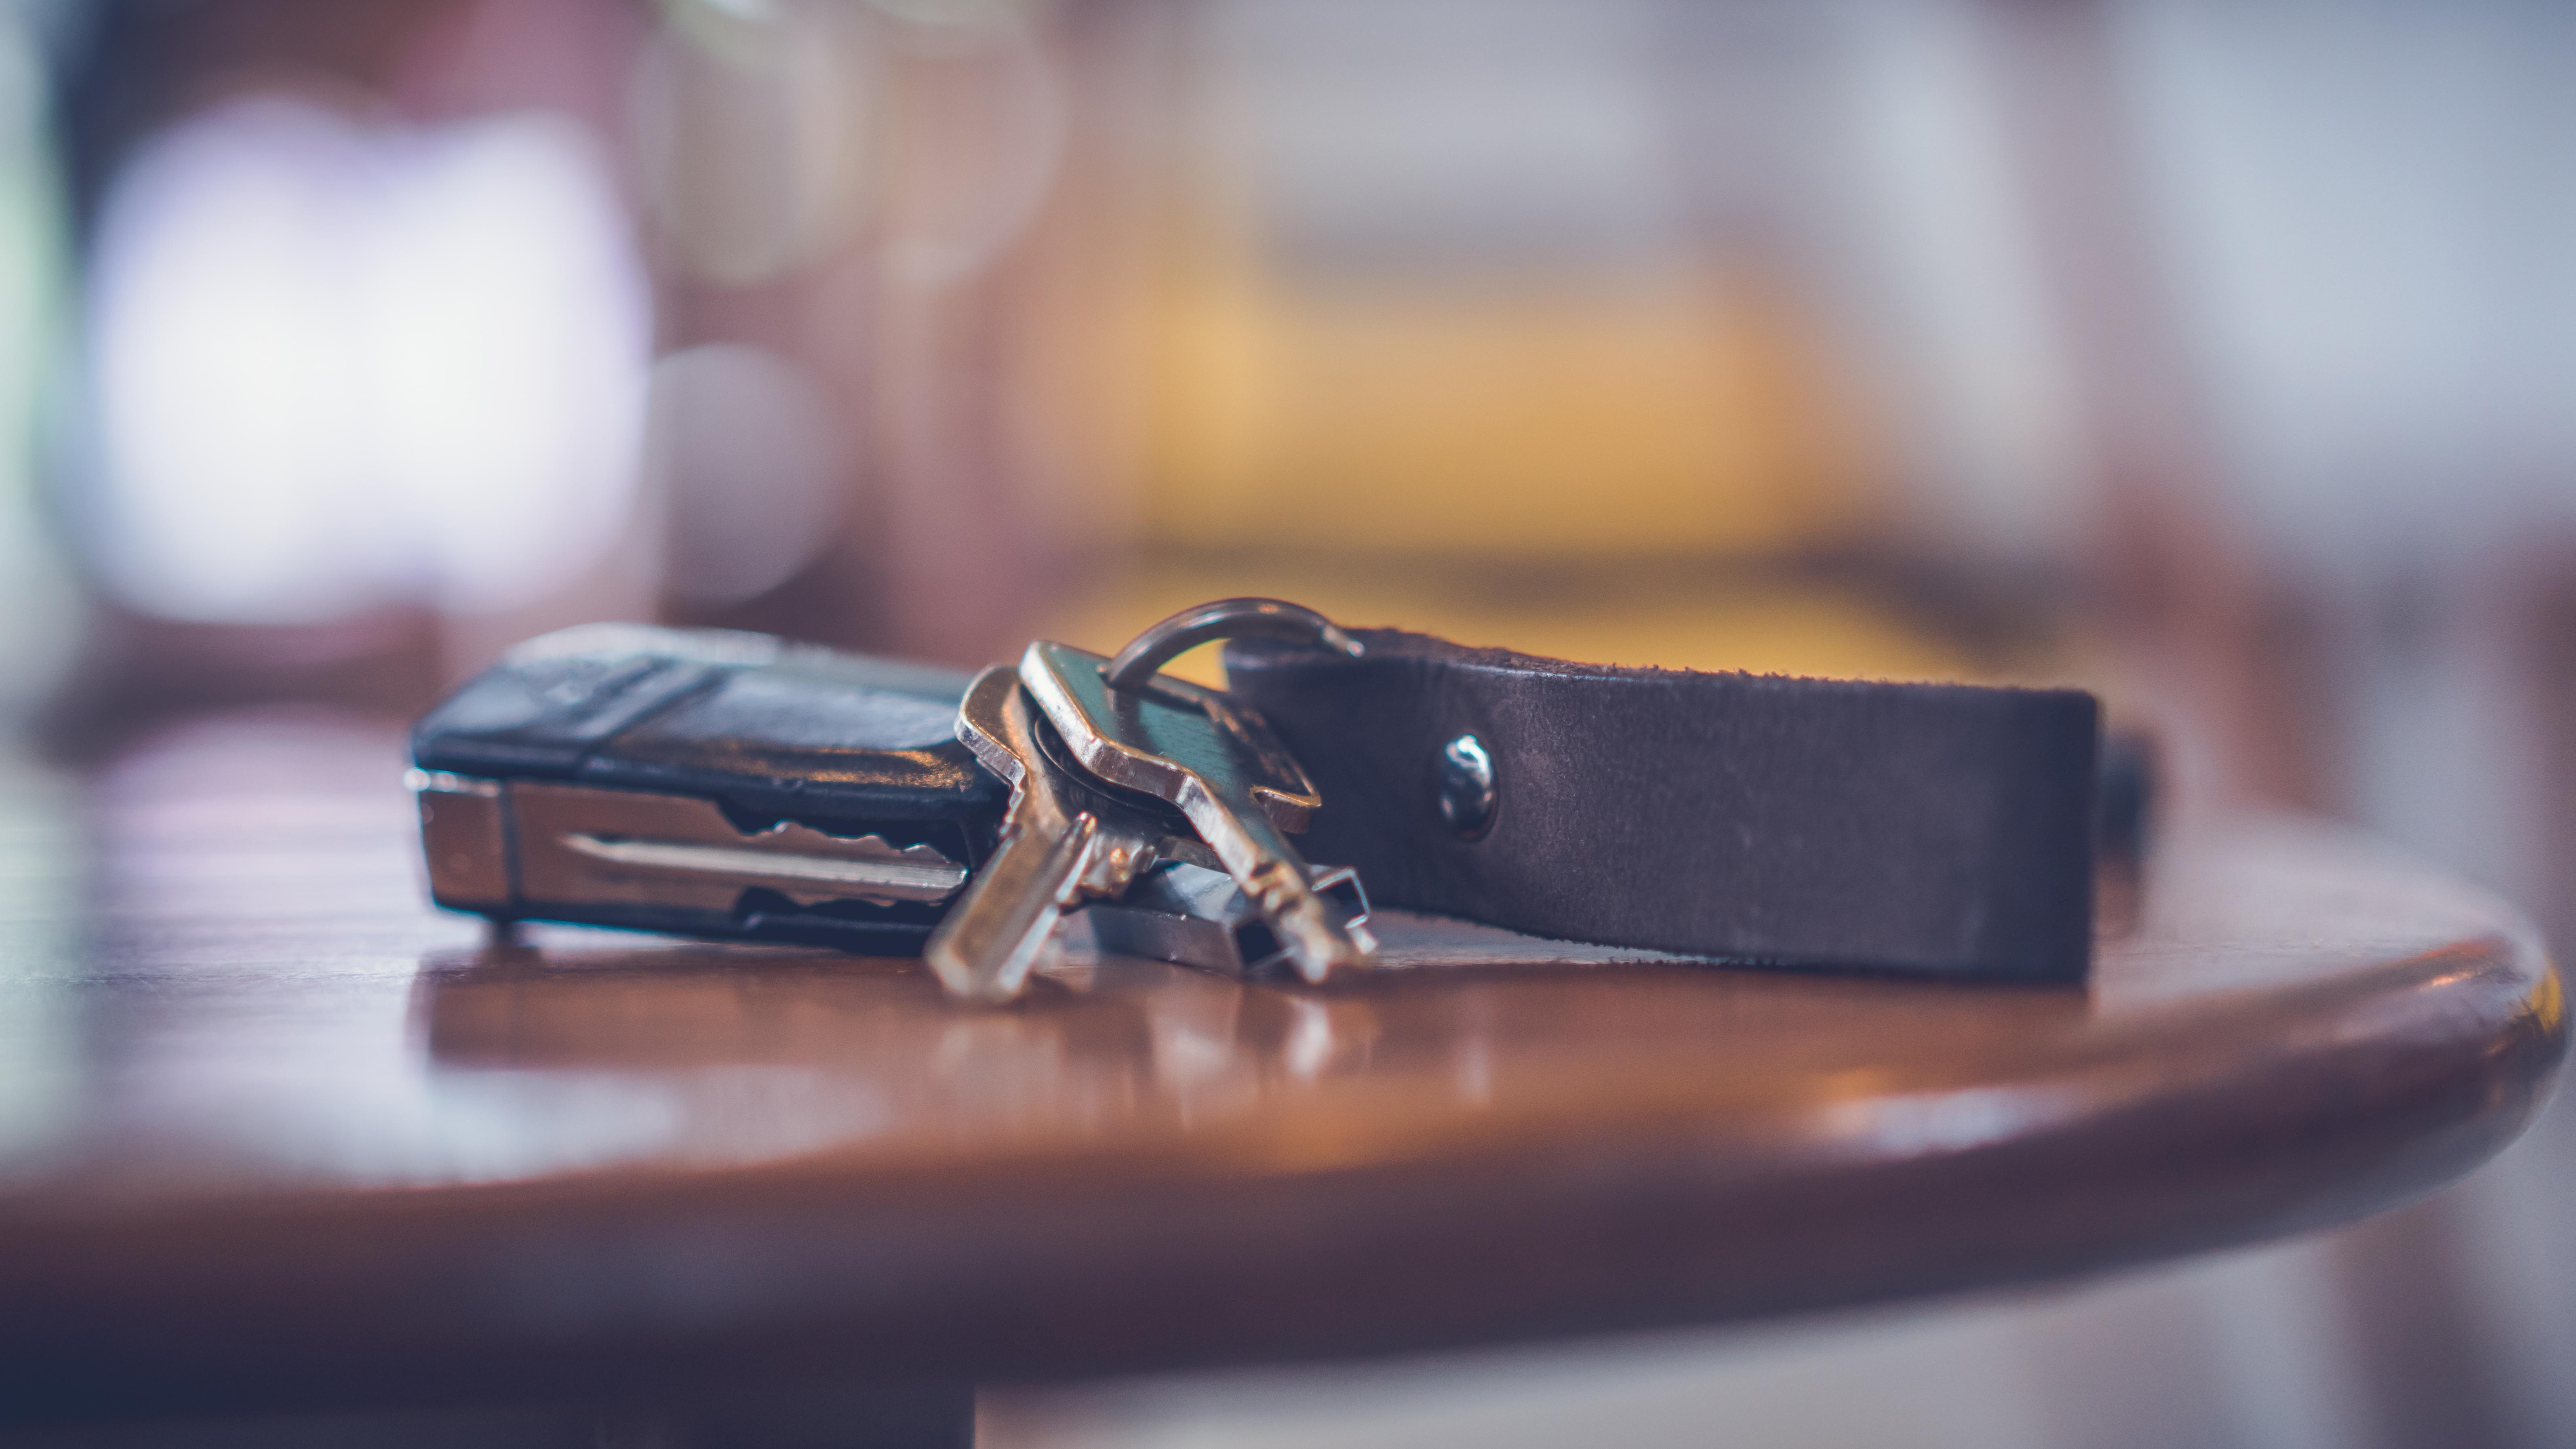 keychain-holder.jpg